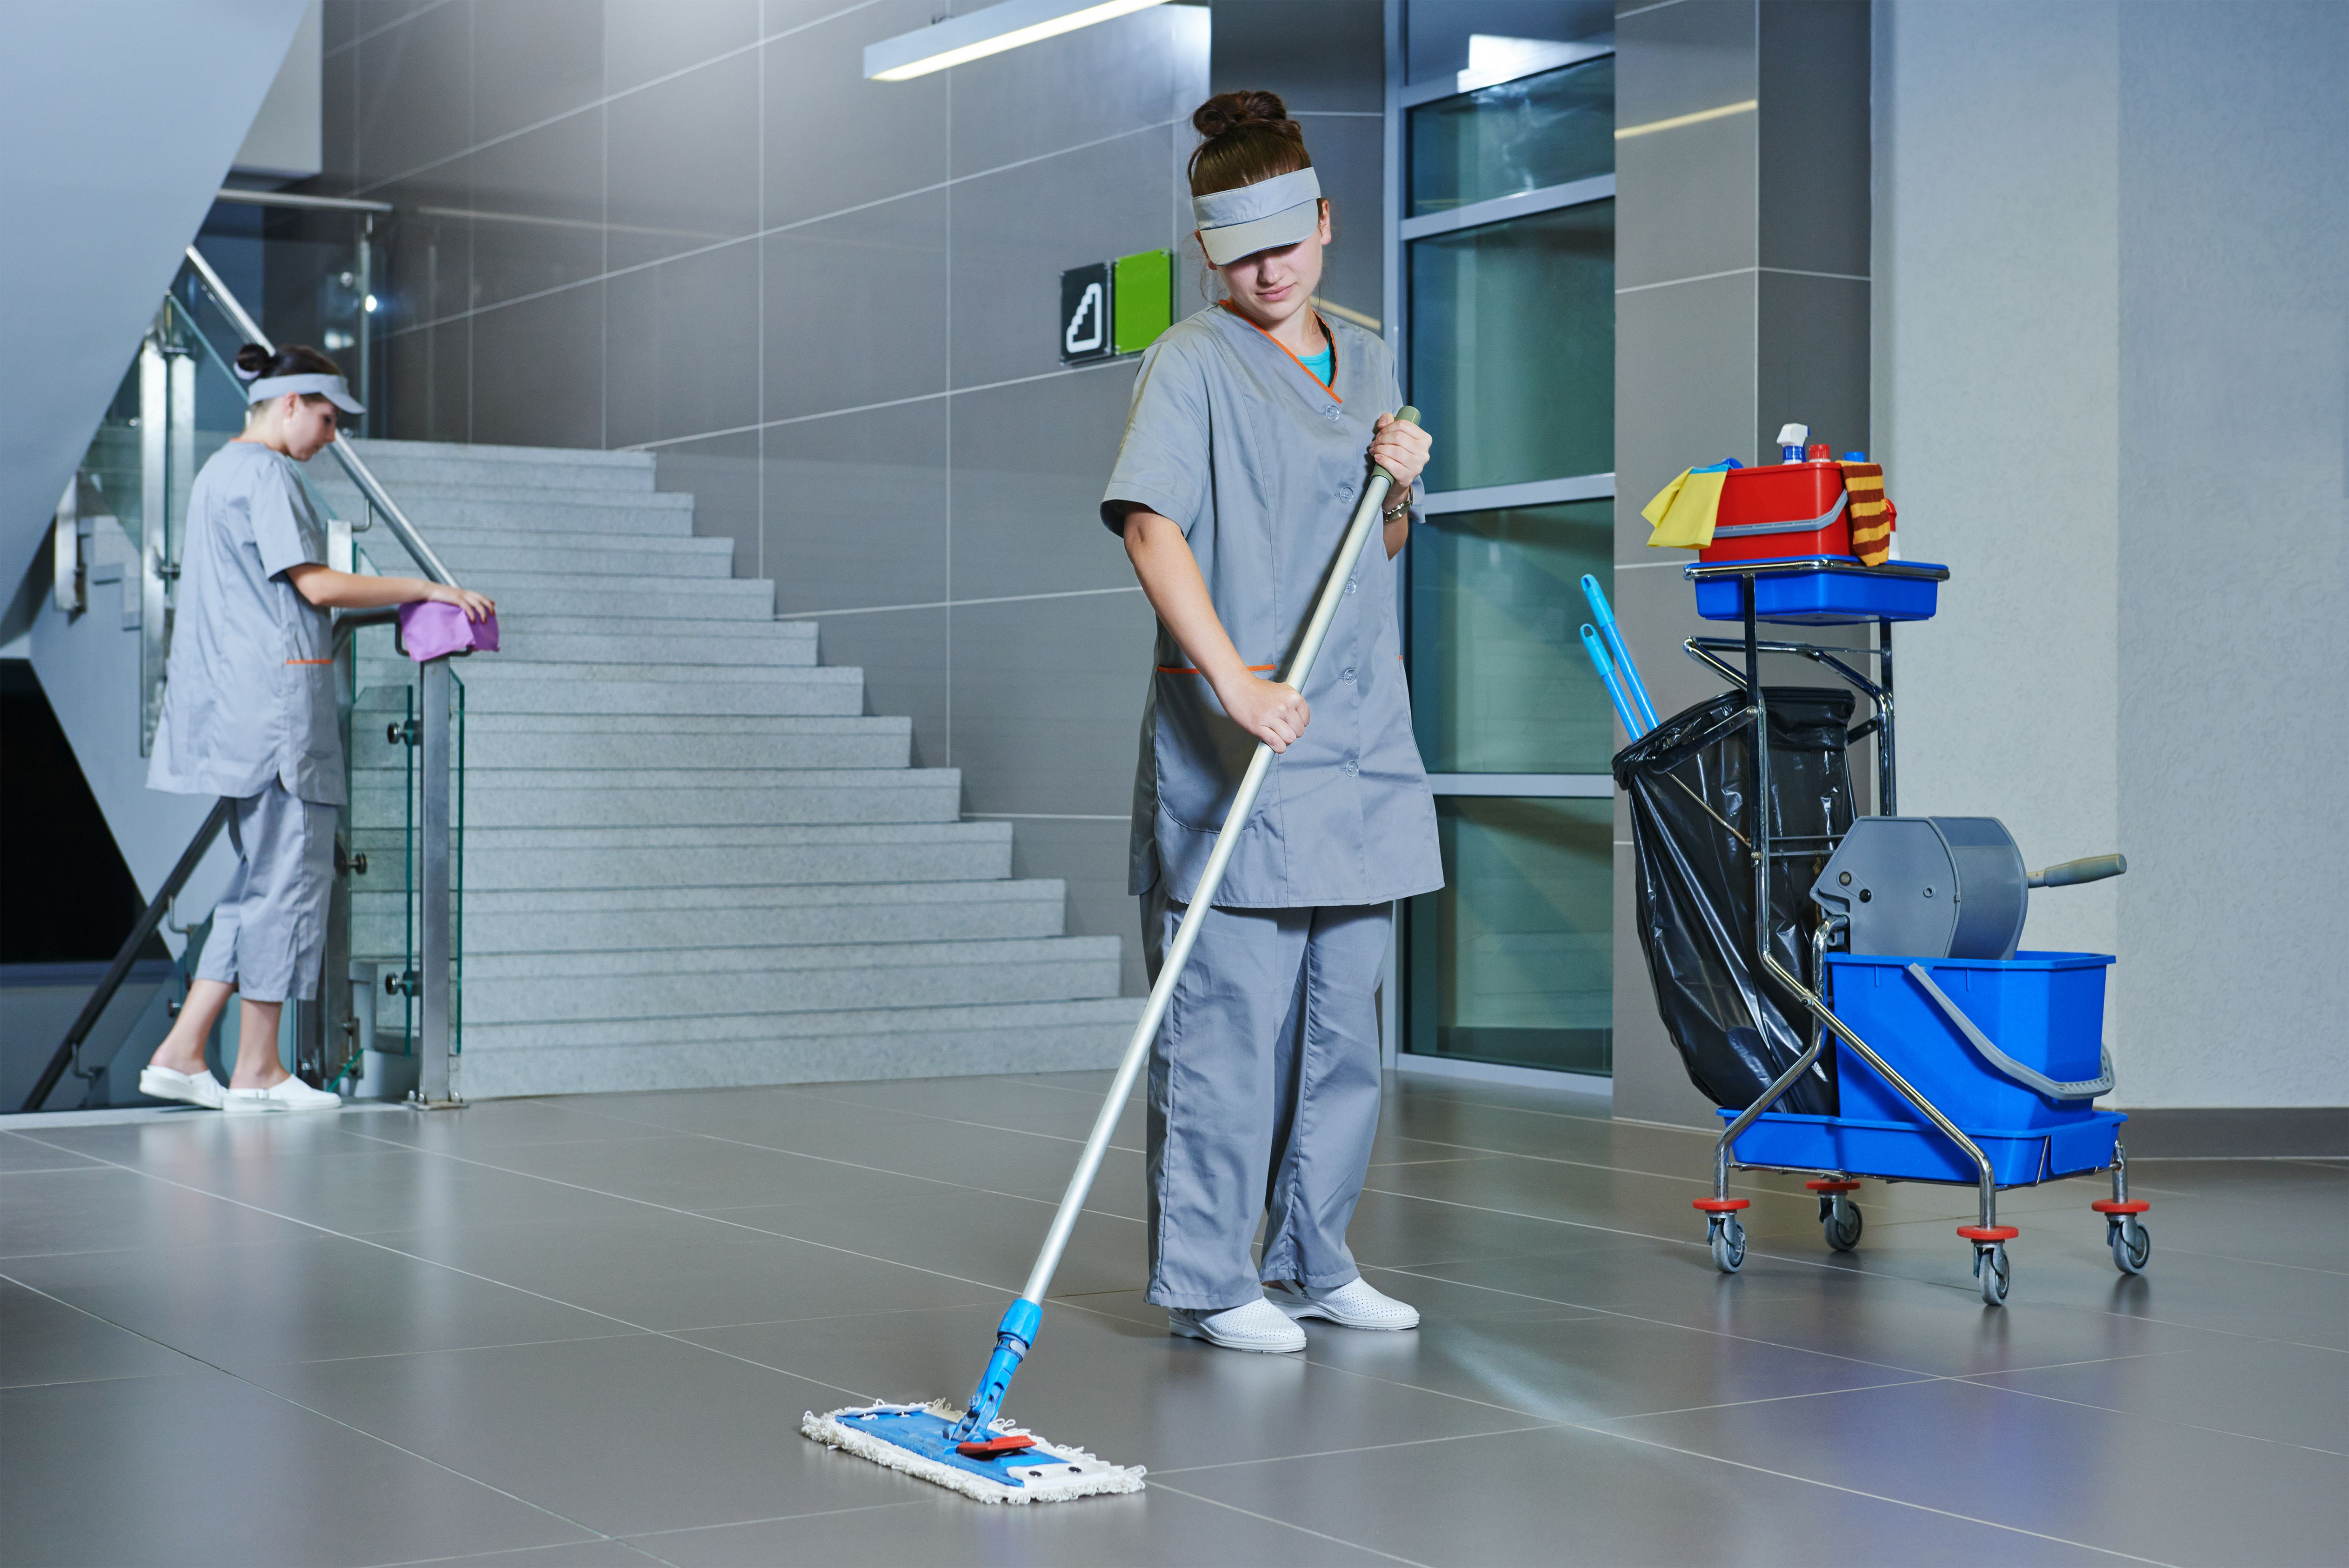 Limpieza  de organismos públicos: Servicios de limpieza de H. M. Assignment Services